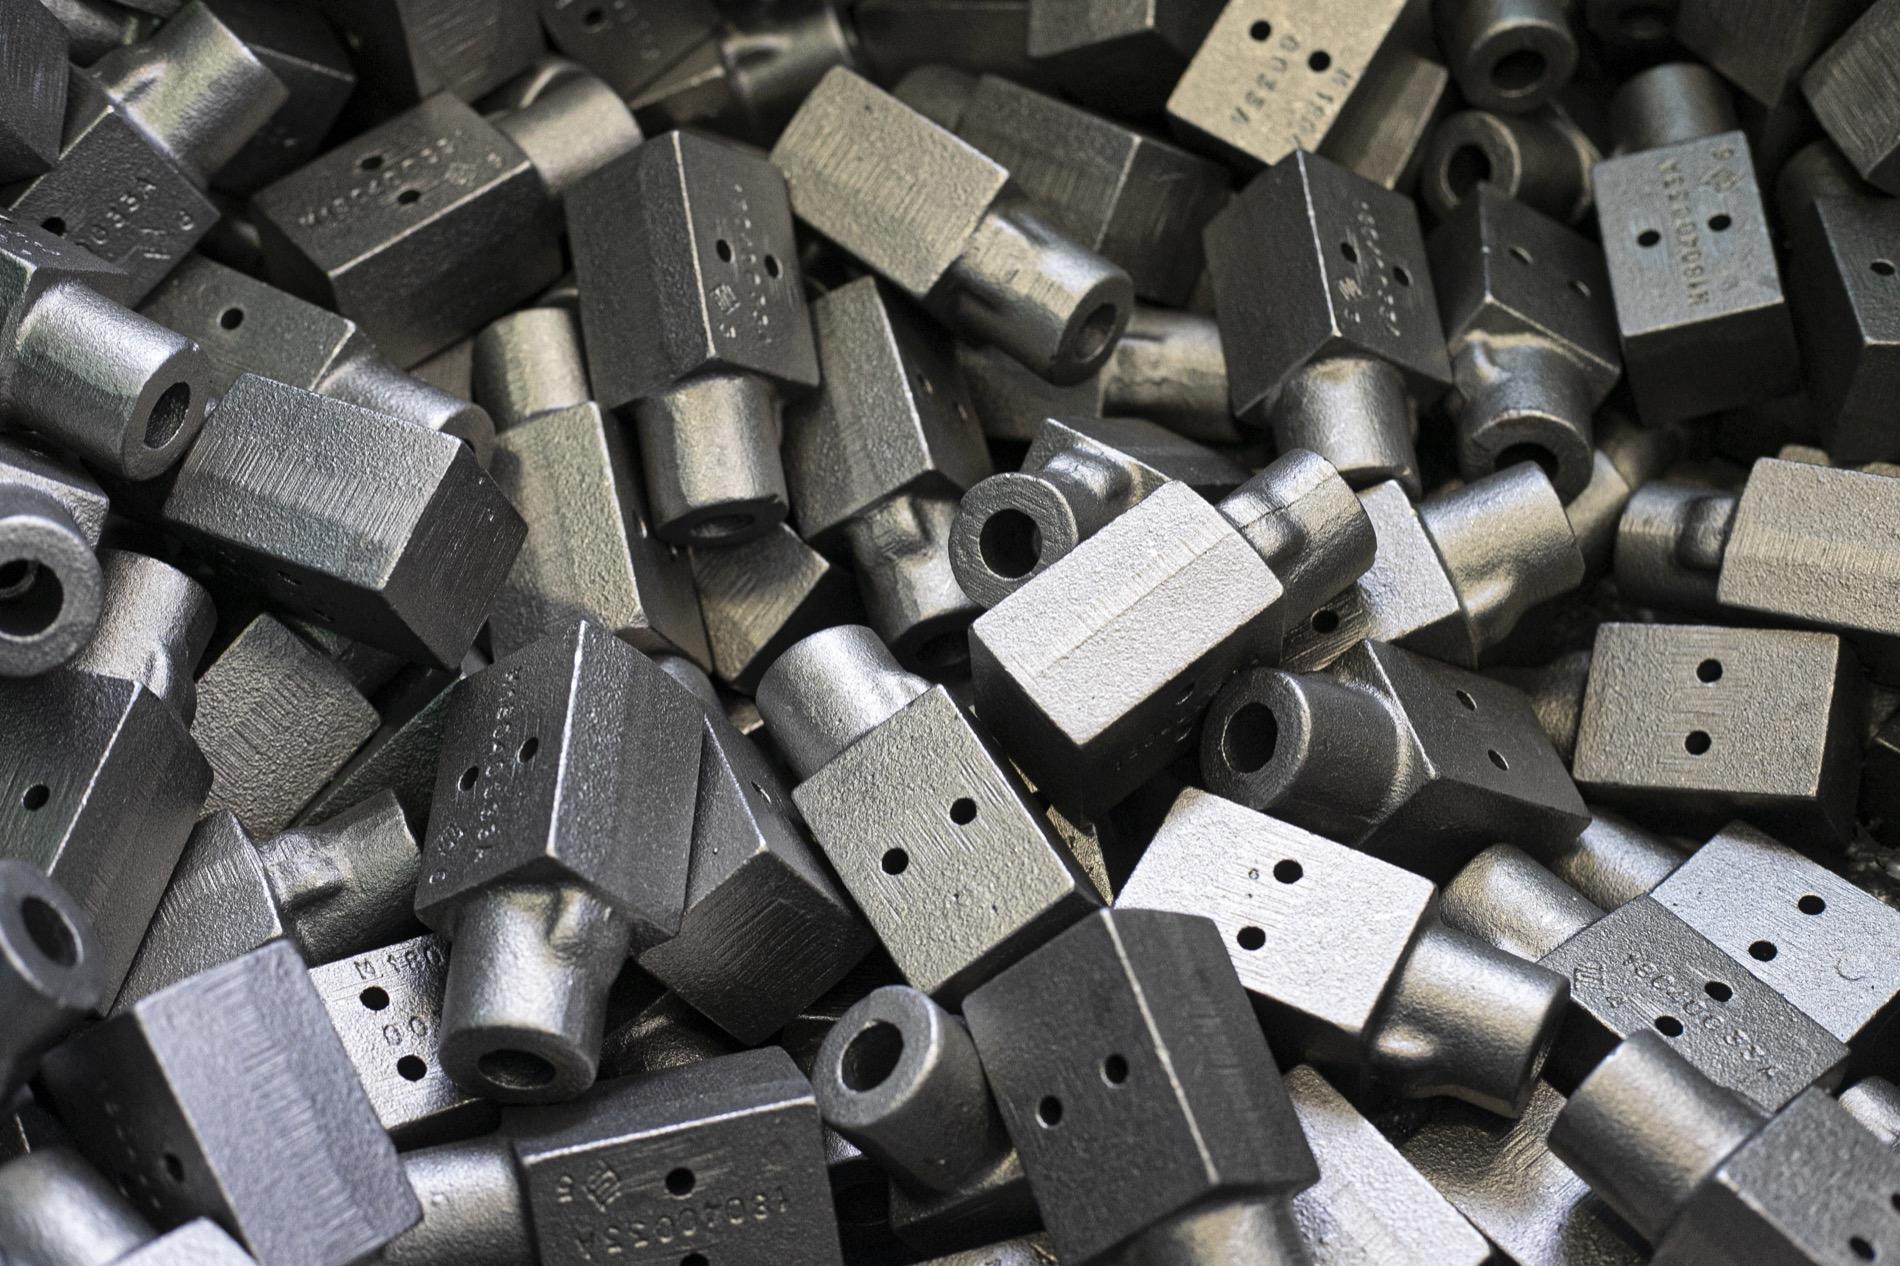 assemblaggio-componenti-meccanici